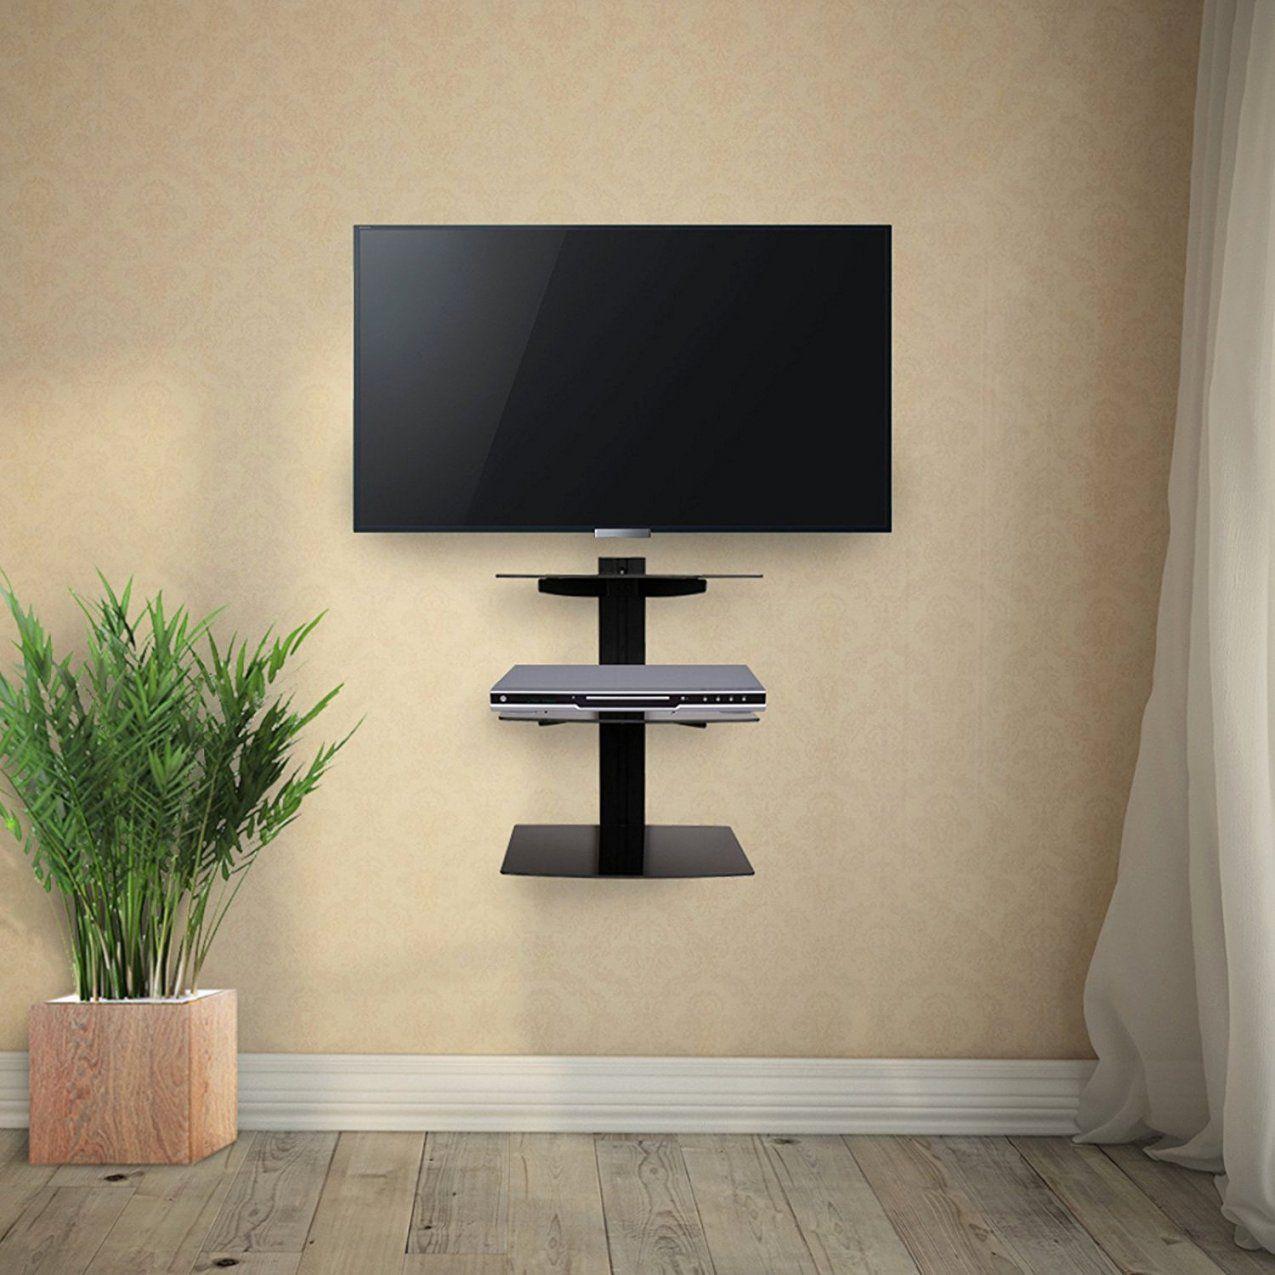 Fabelhafte Fernseher An Der Wand Kabel Verstecken Dvd Wandregal von Tv Aufhängen Kabel Verstecken Bild